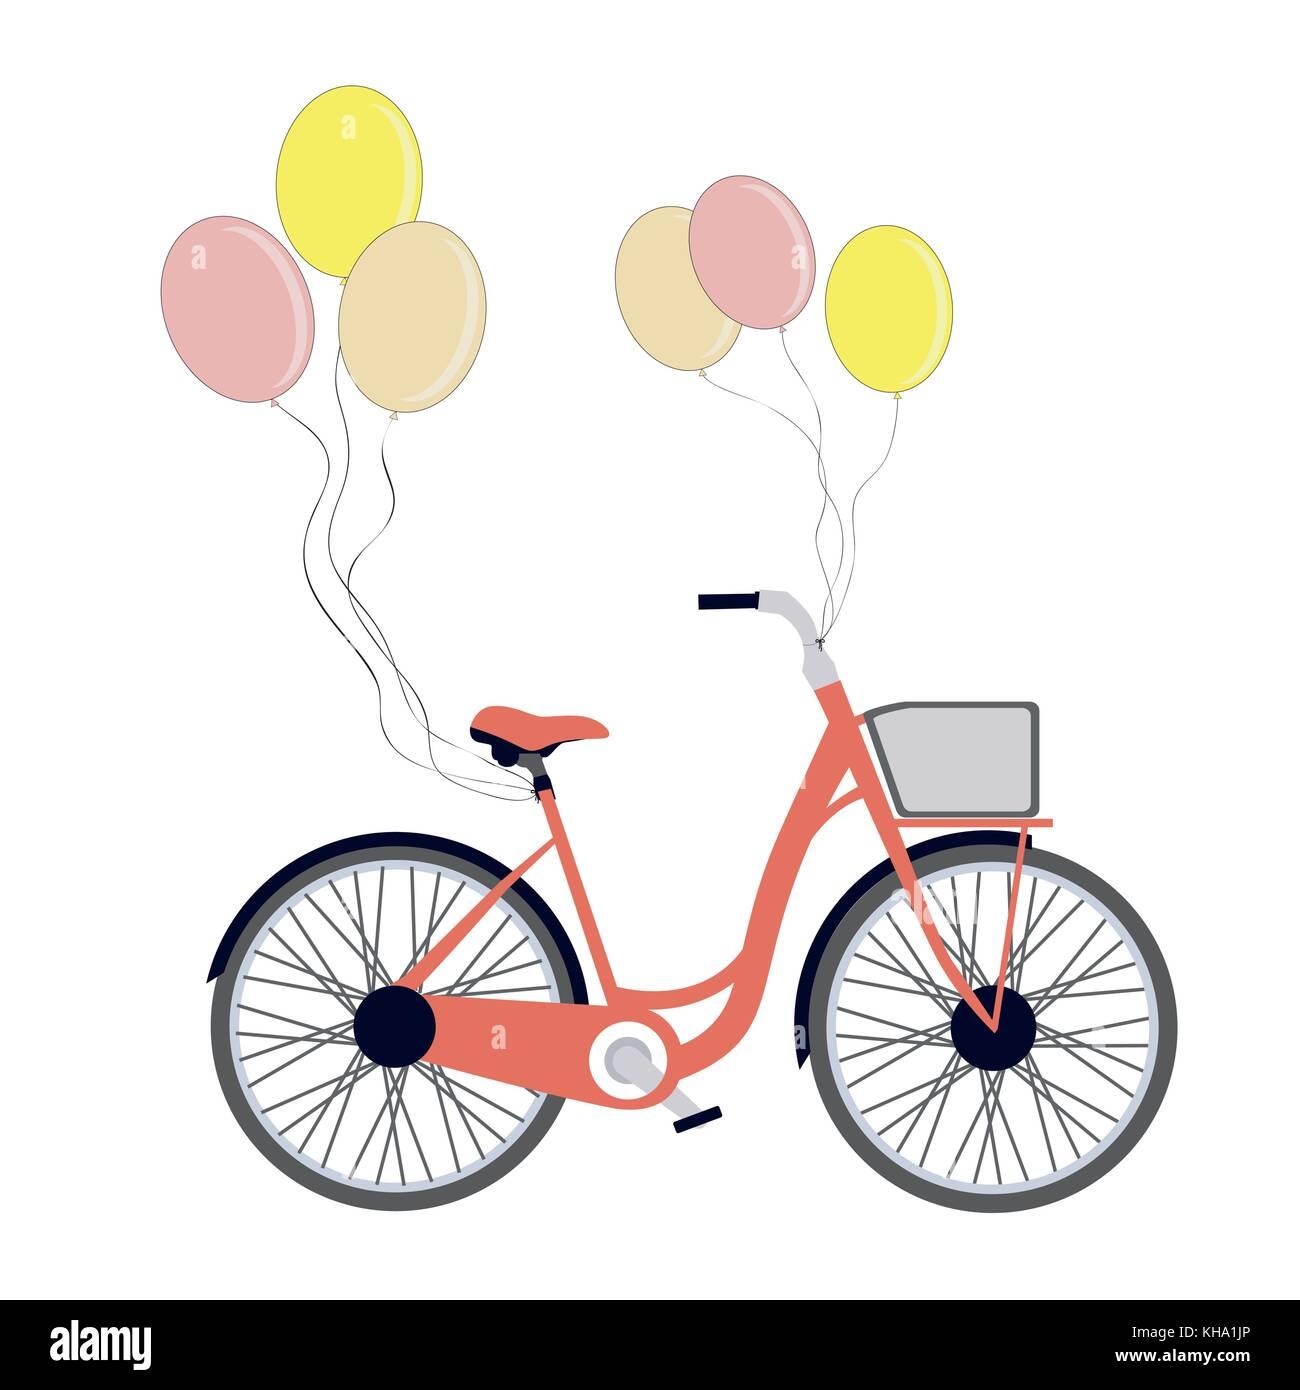 Bicicletta Con Palloncini Isolato Su Bianco Vintage Bicicletta